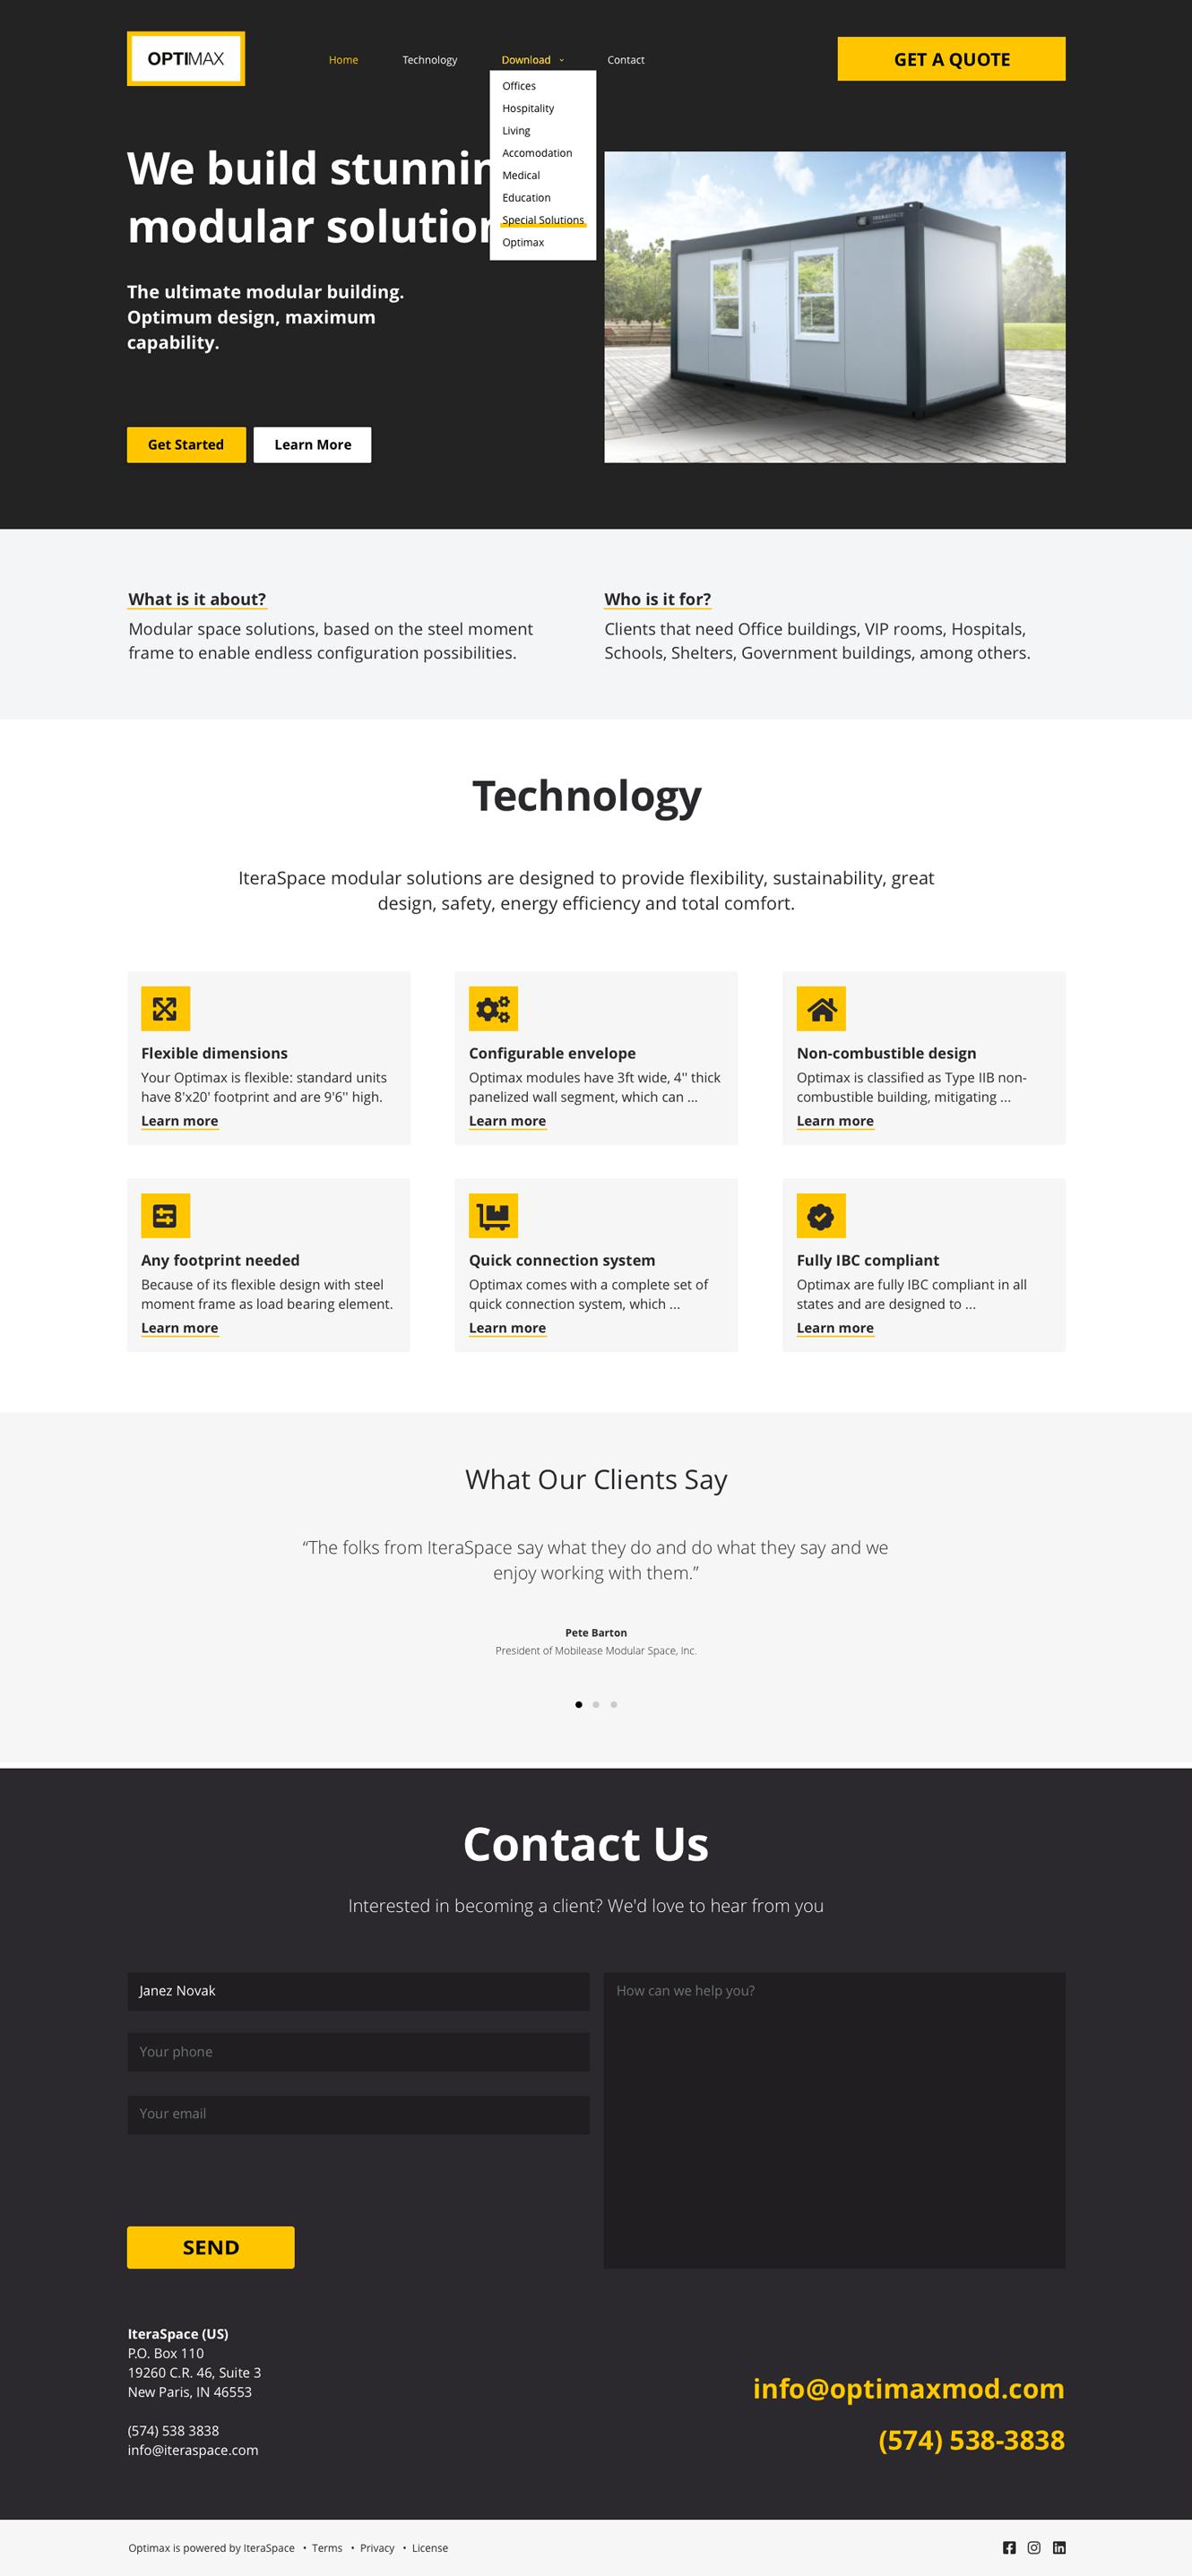 OptimaxMod produktna spletna stran